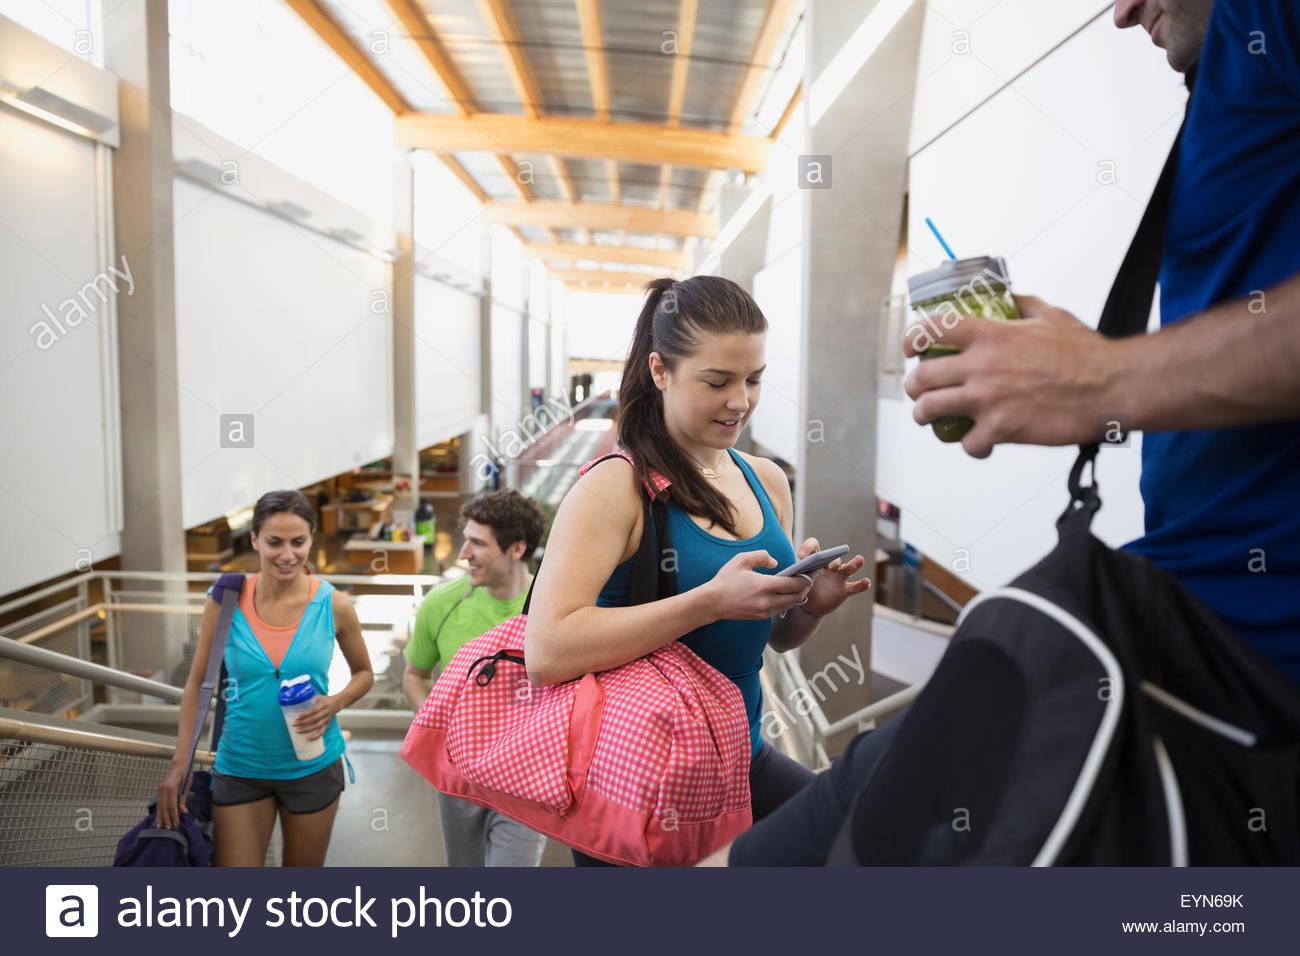 Amigos hablando y uso de teléfono celular en el gimnasio Imagen De Stock